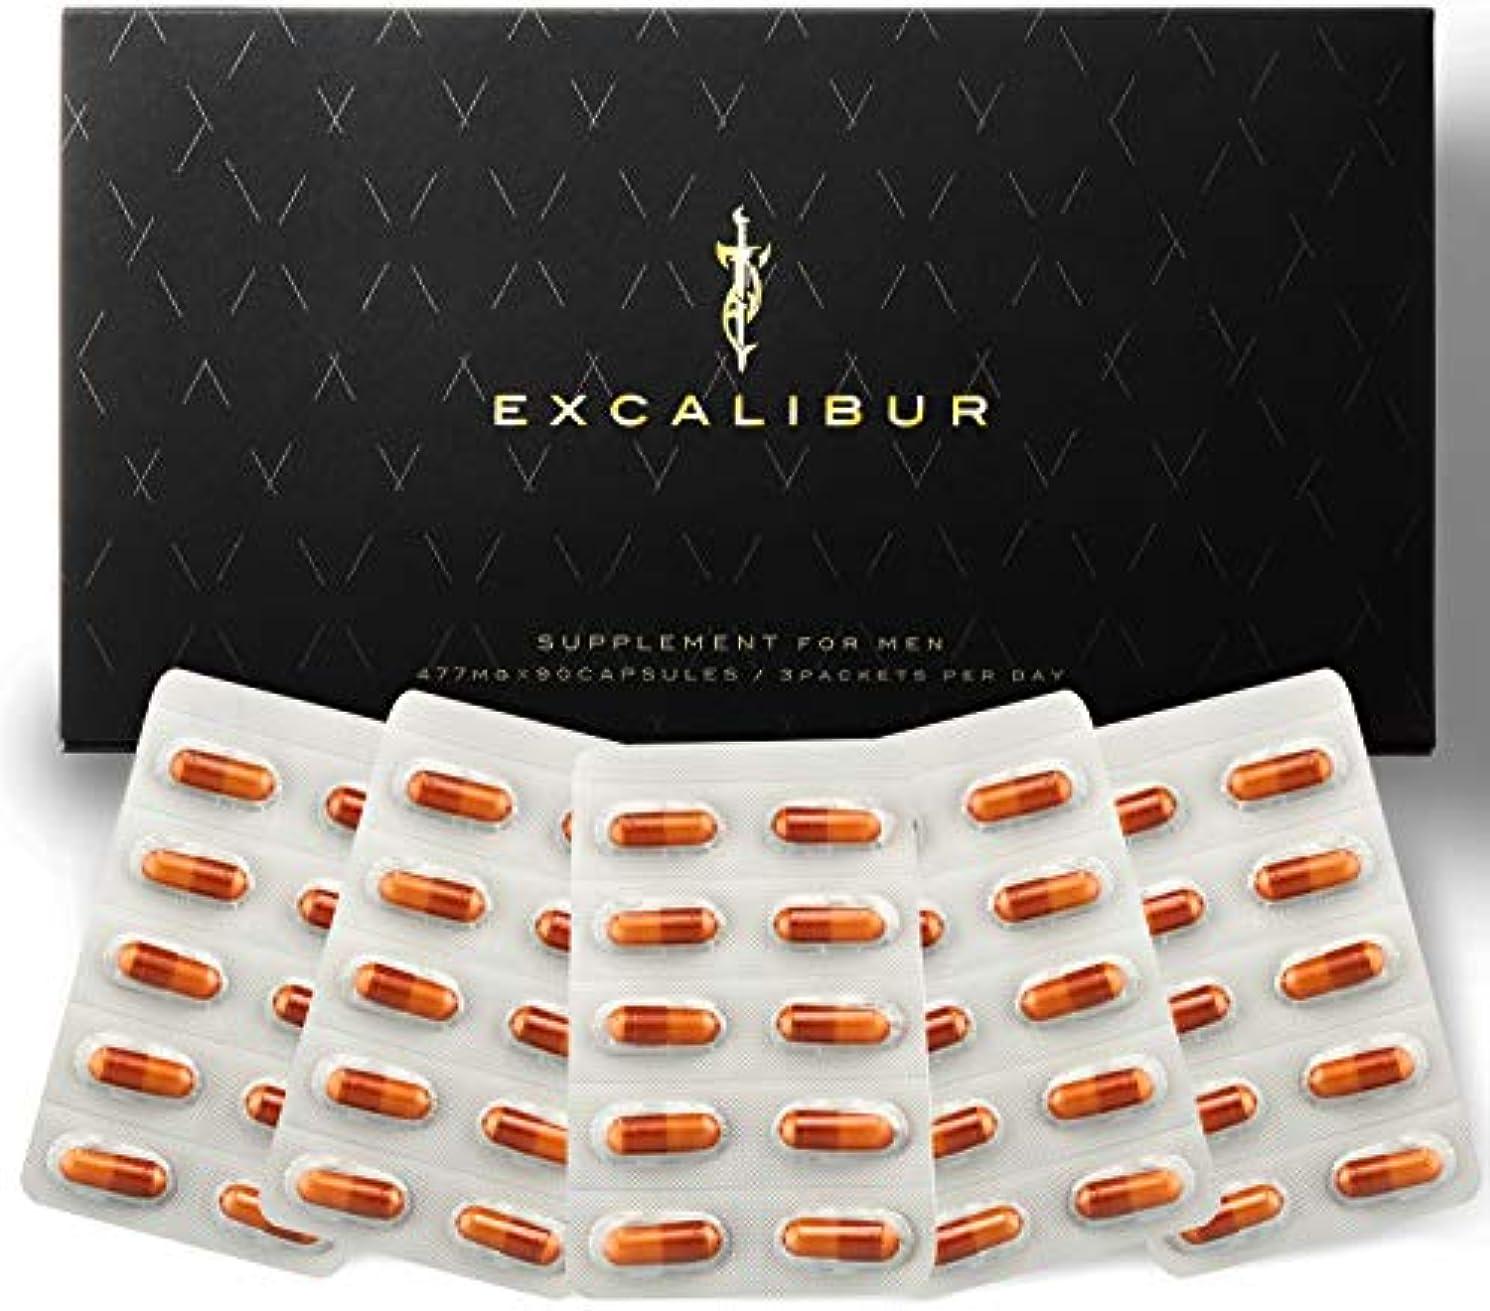 動症状帰るEXCALIBUR(エクスカリバー) シトルリン アルギニン 亜鉛 厳選14成分配合 90粒 30日